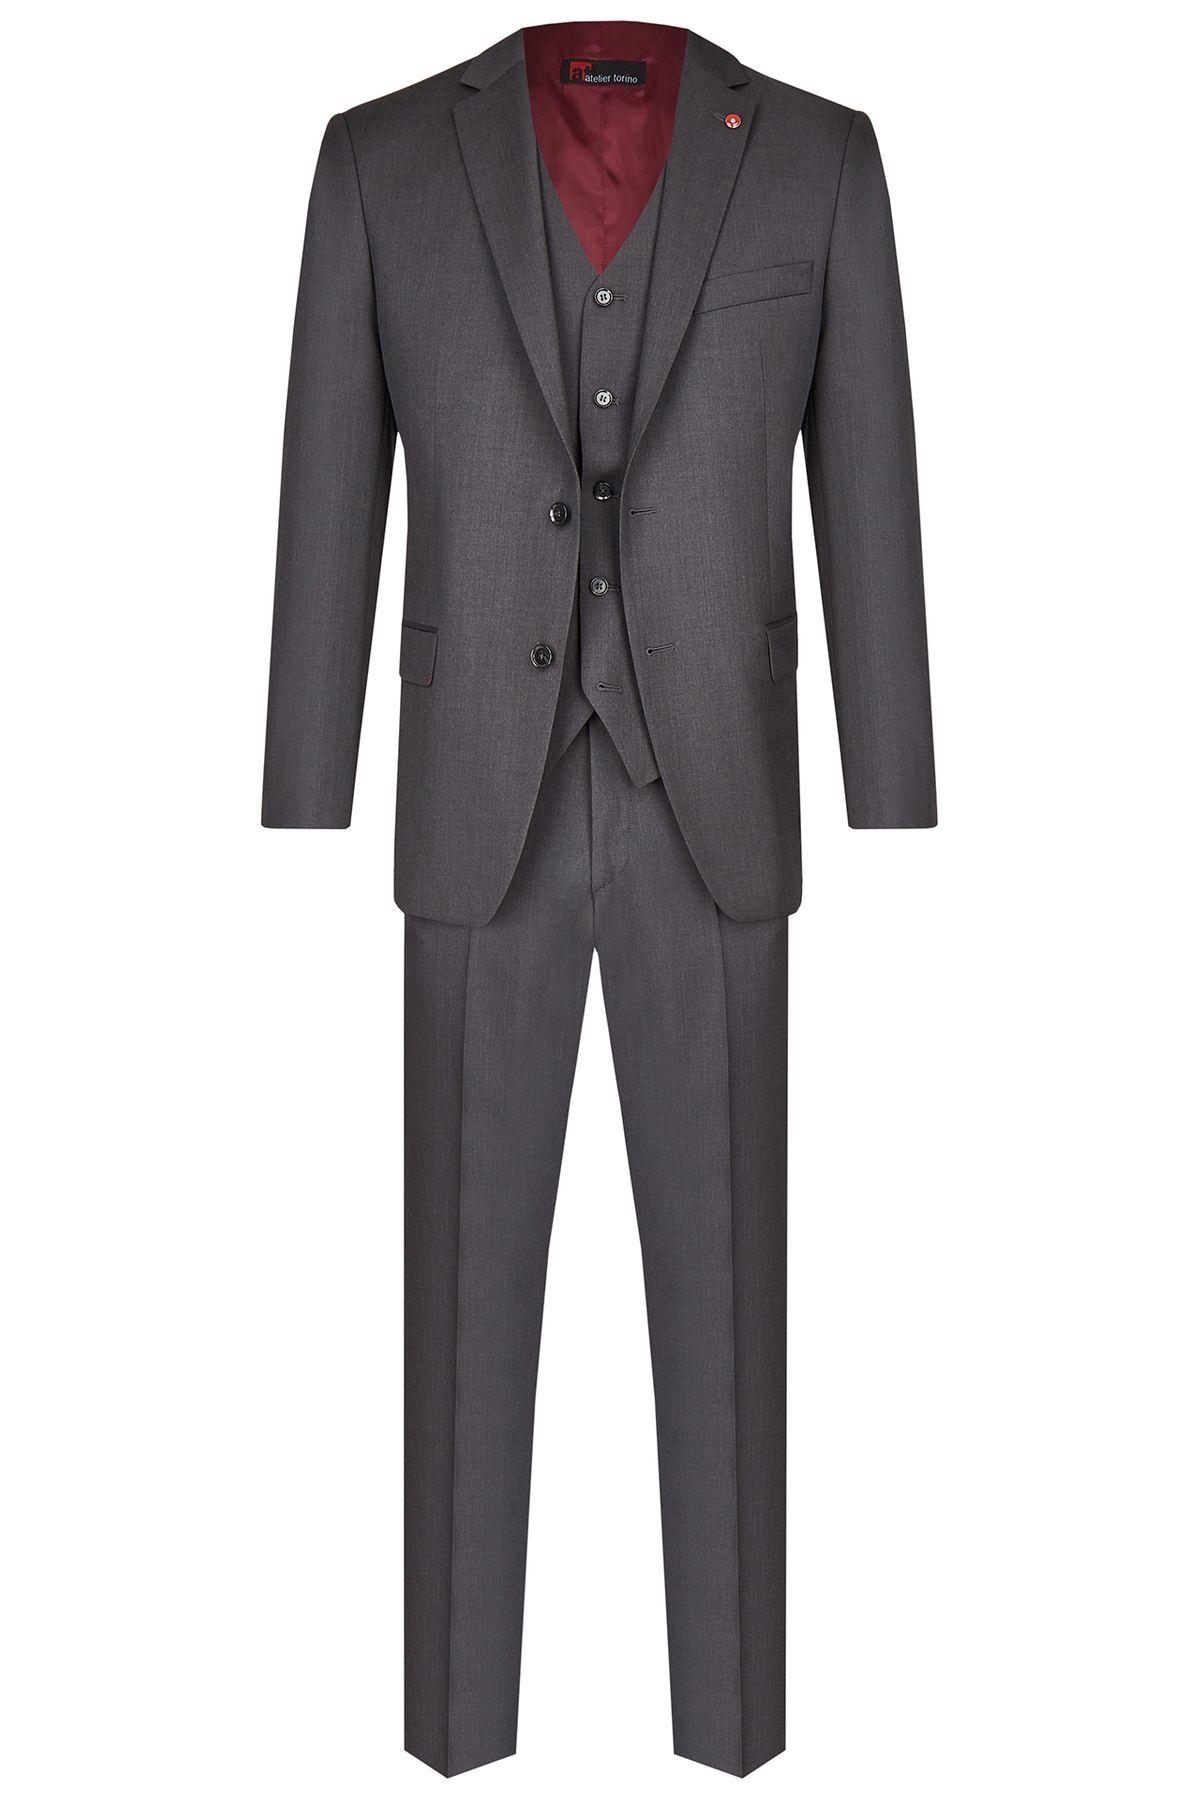 Atelier Torino - Modern Fit - Herren Baukasten Anzug aus reiner Schurwolle, Weber: Marzotto, Roma SS/Aldo (07044) – Bild 1